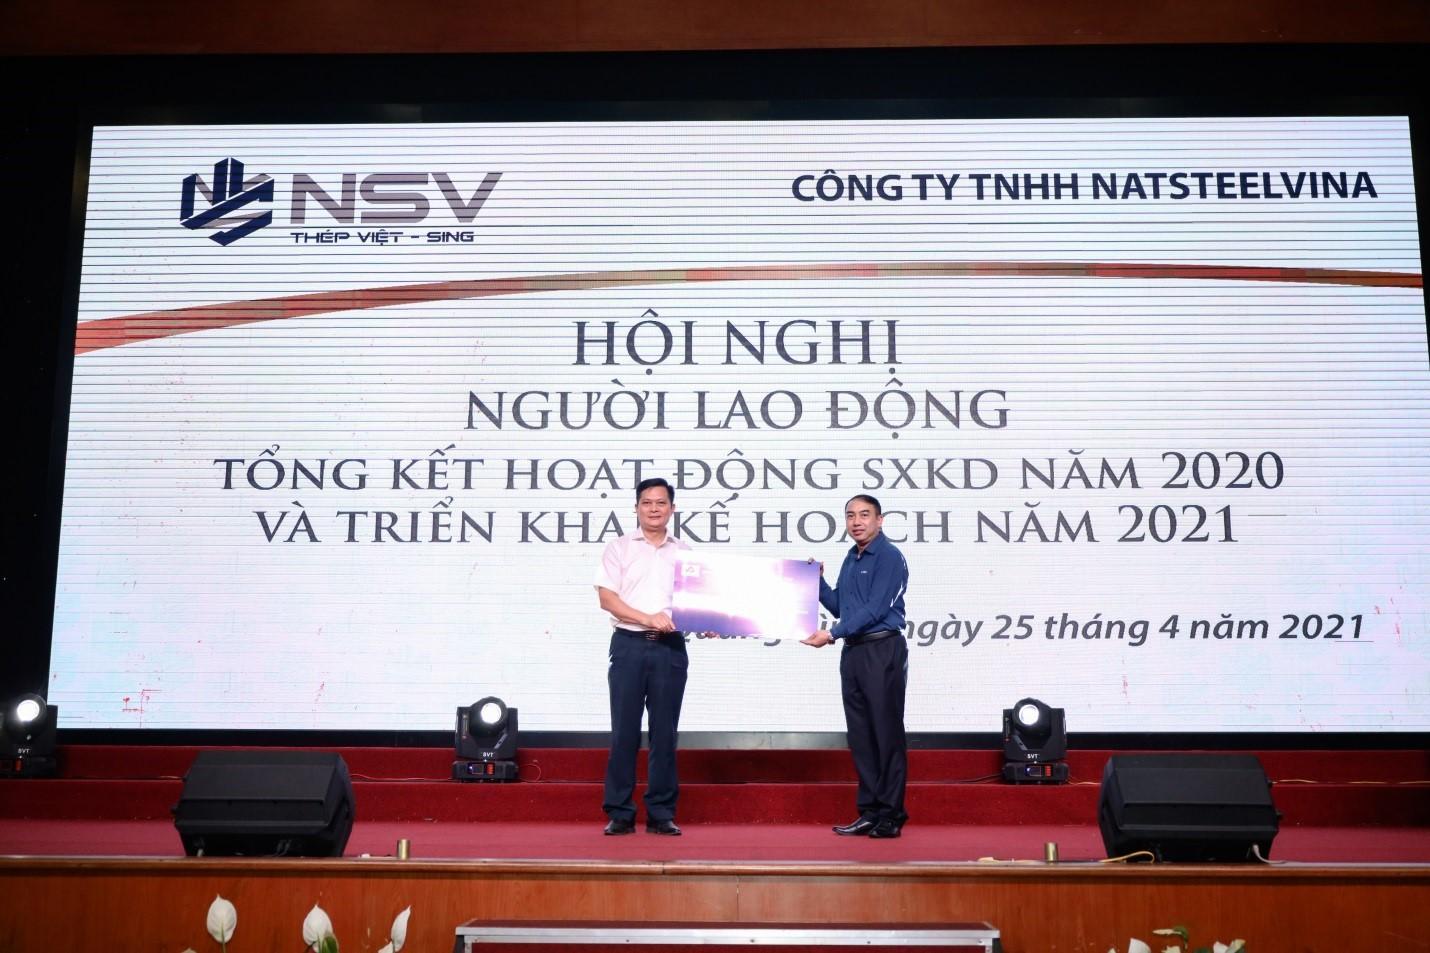 Công đoàn Tổng công ty Thép Việt Nam – CTCP: Tặng quà cho người lao động NatSteelVina nhân tháng công nhân